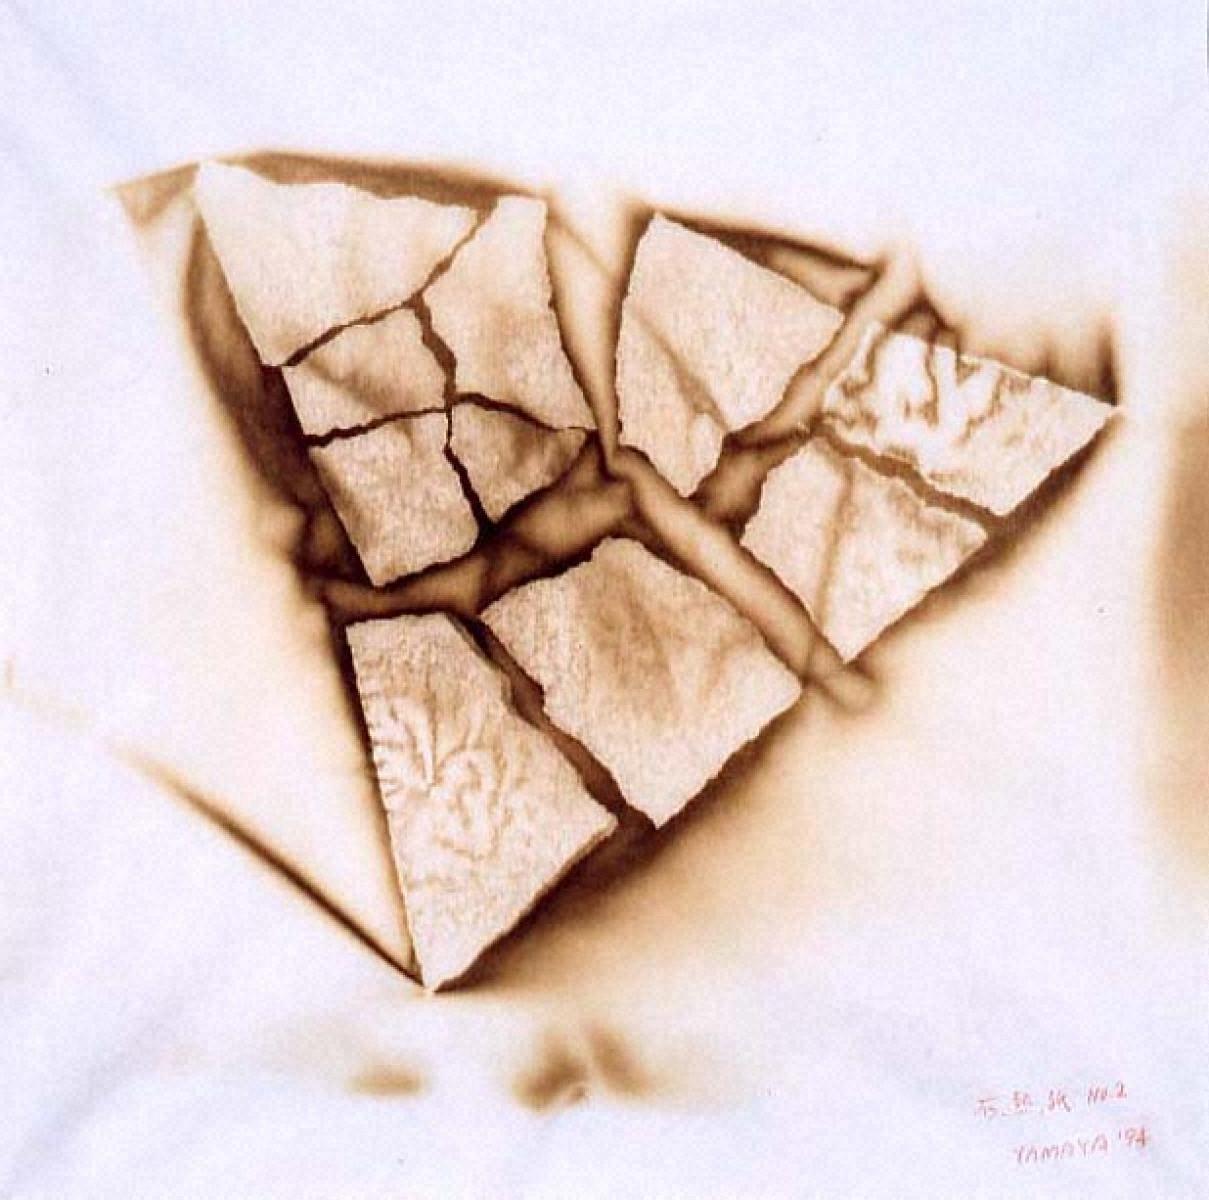 石・熱・紙 '94-No.2